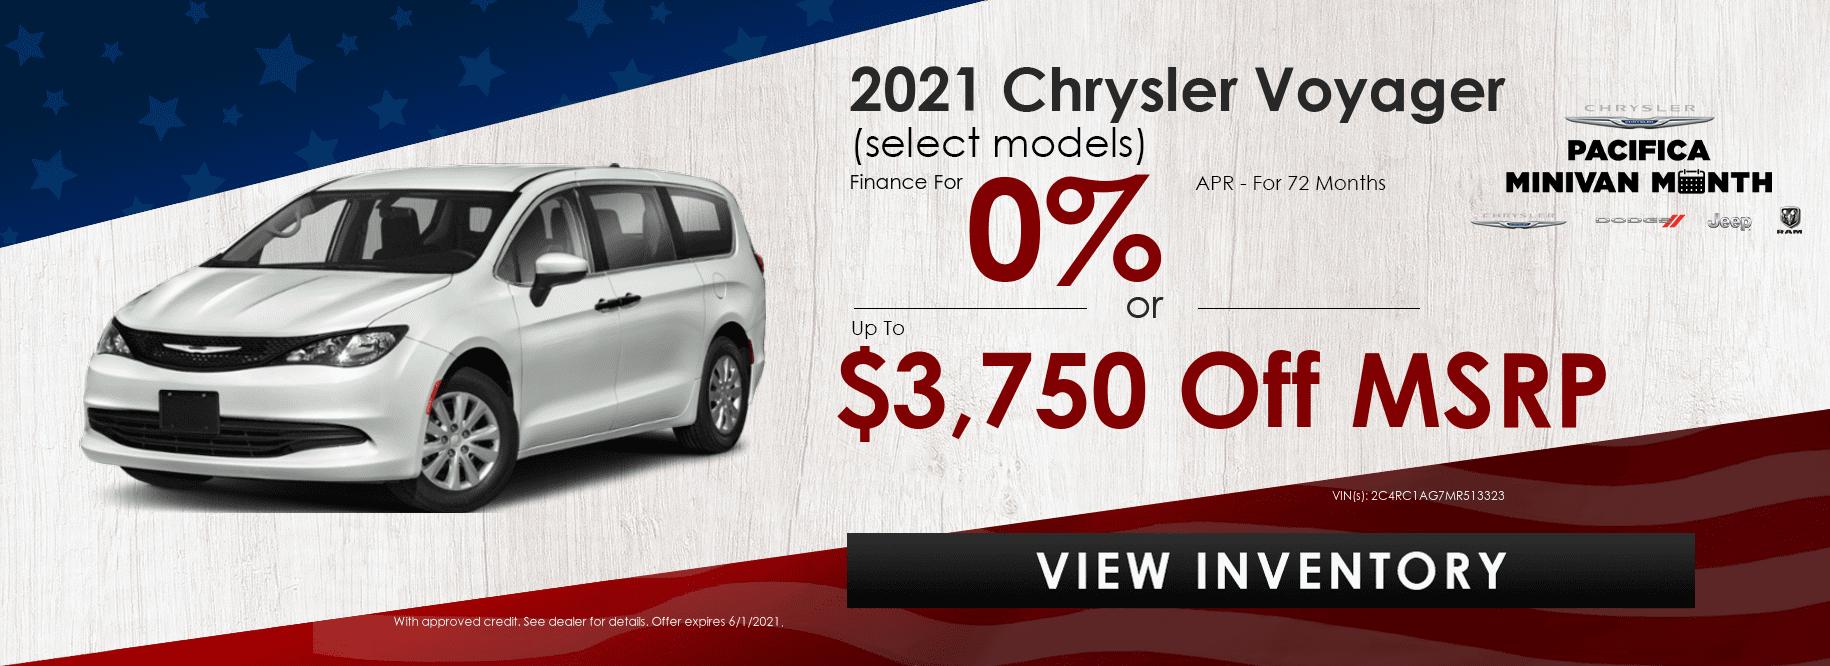 2021-Chrysler-Voyager-(select-models)-77